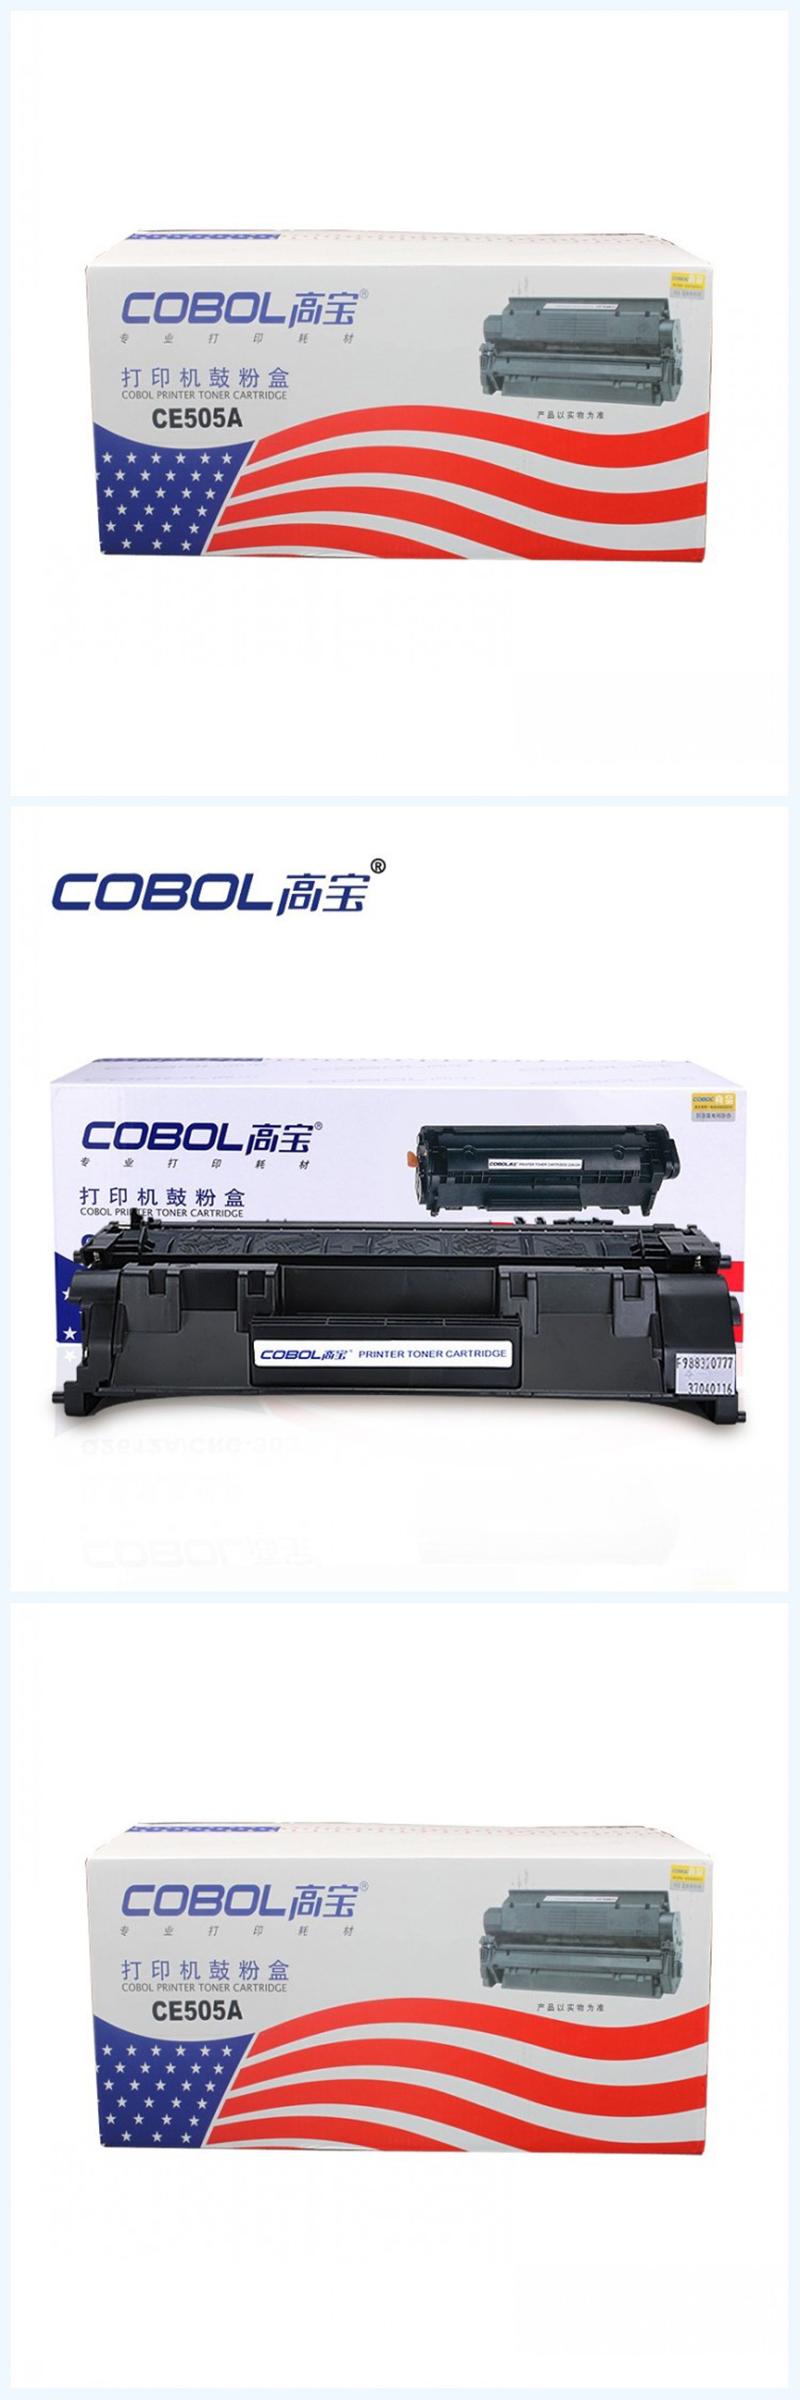 高宝 CE505A黑色 硒鼓 用于HP惠普 CE505A P2030 P2035n P2055打印机